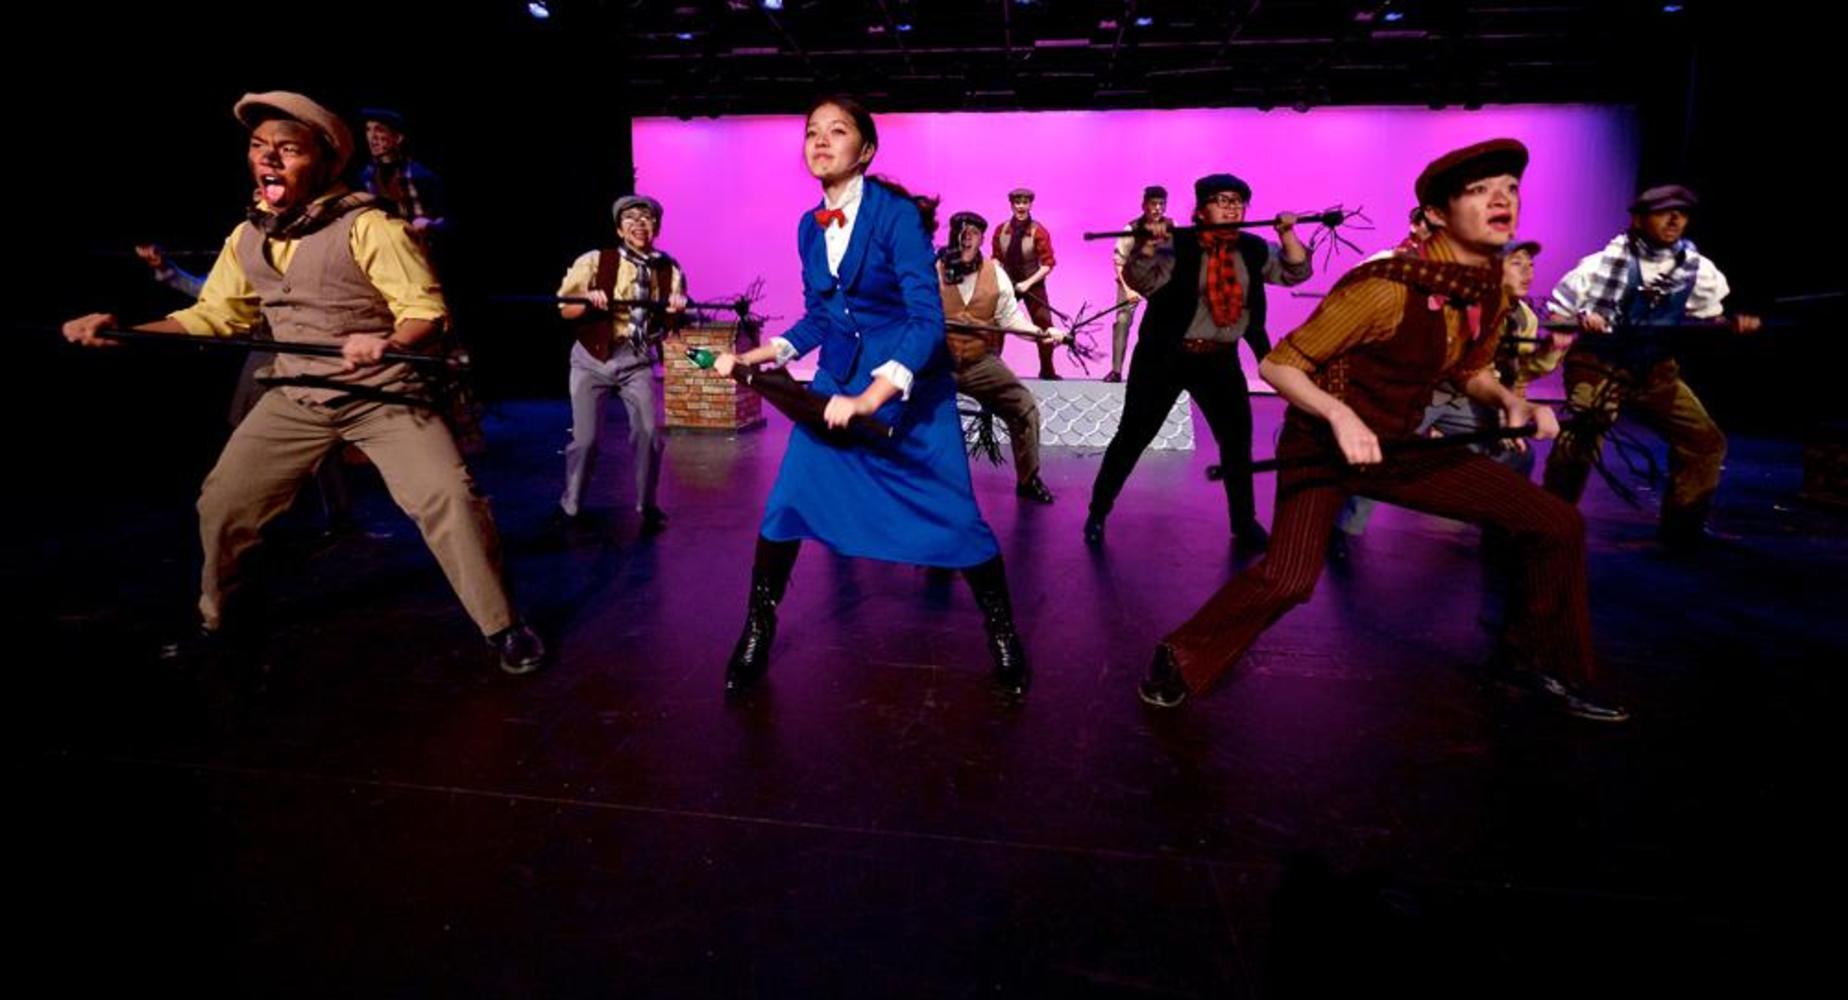 Mary Poppins play